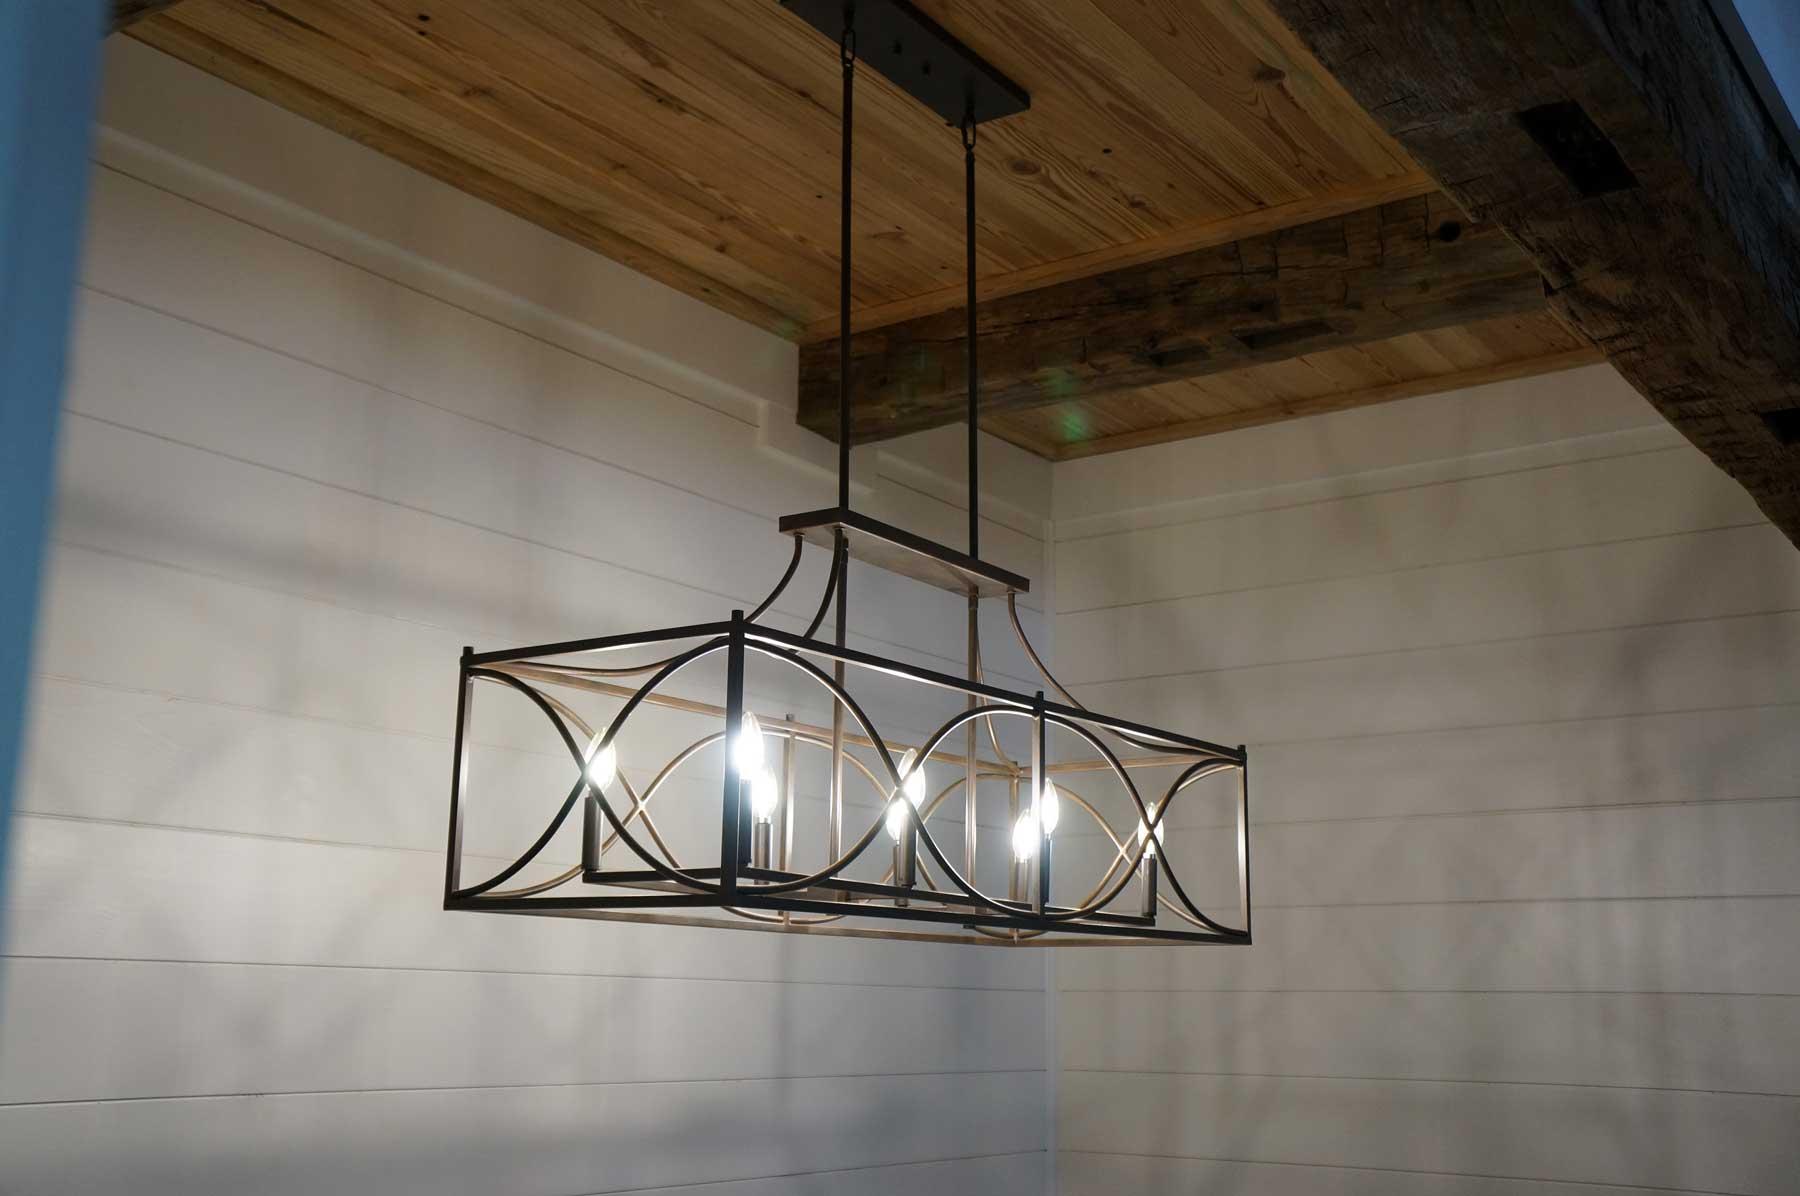 Wood beams in custom ceiling.